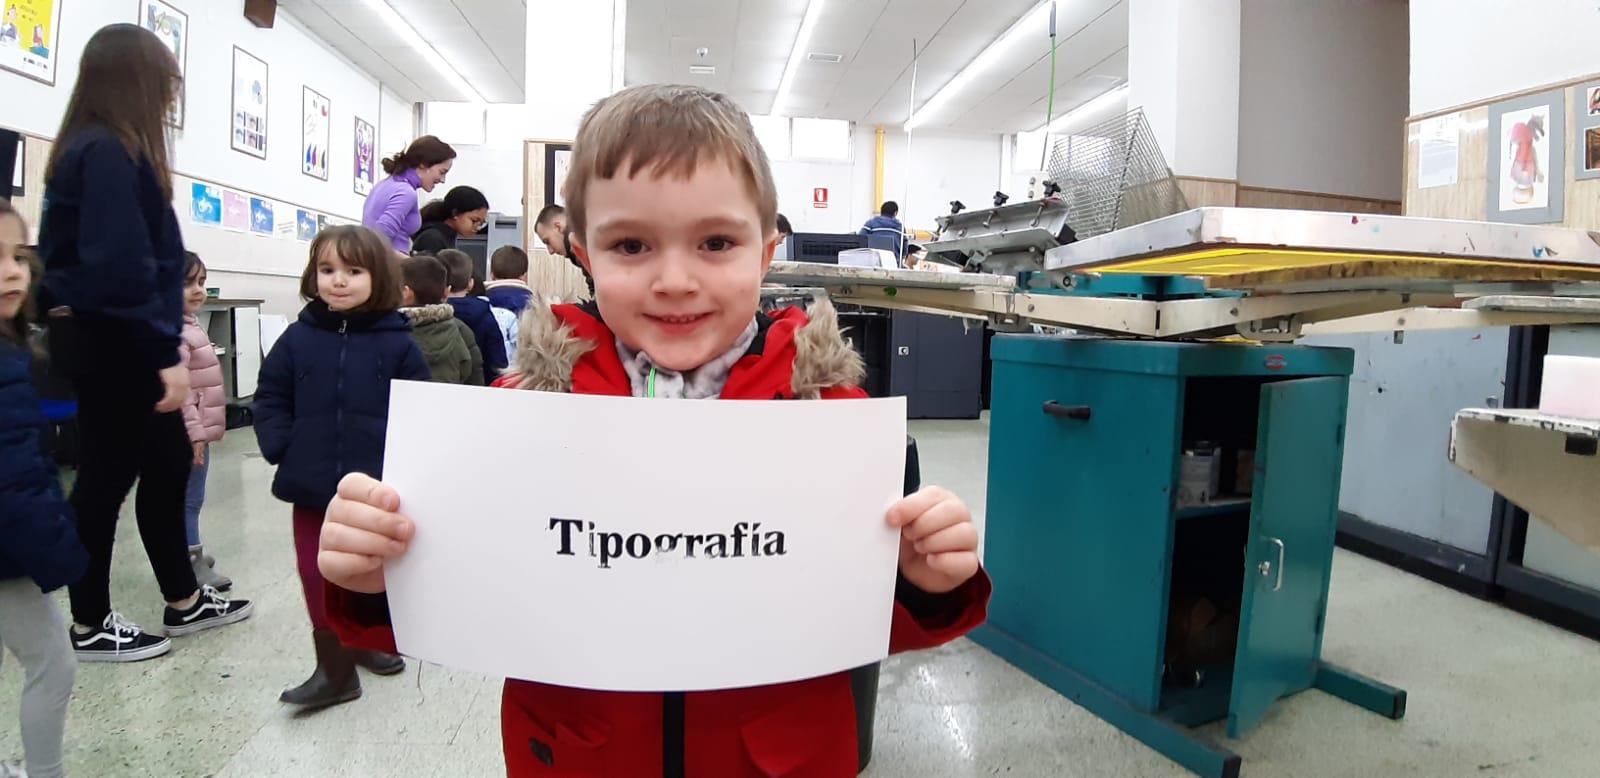 Taller de impresión; salesianos atocha, impresión tipográfica; visita infantil